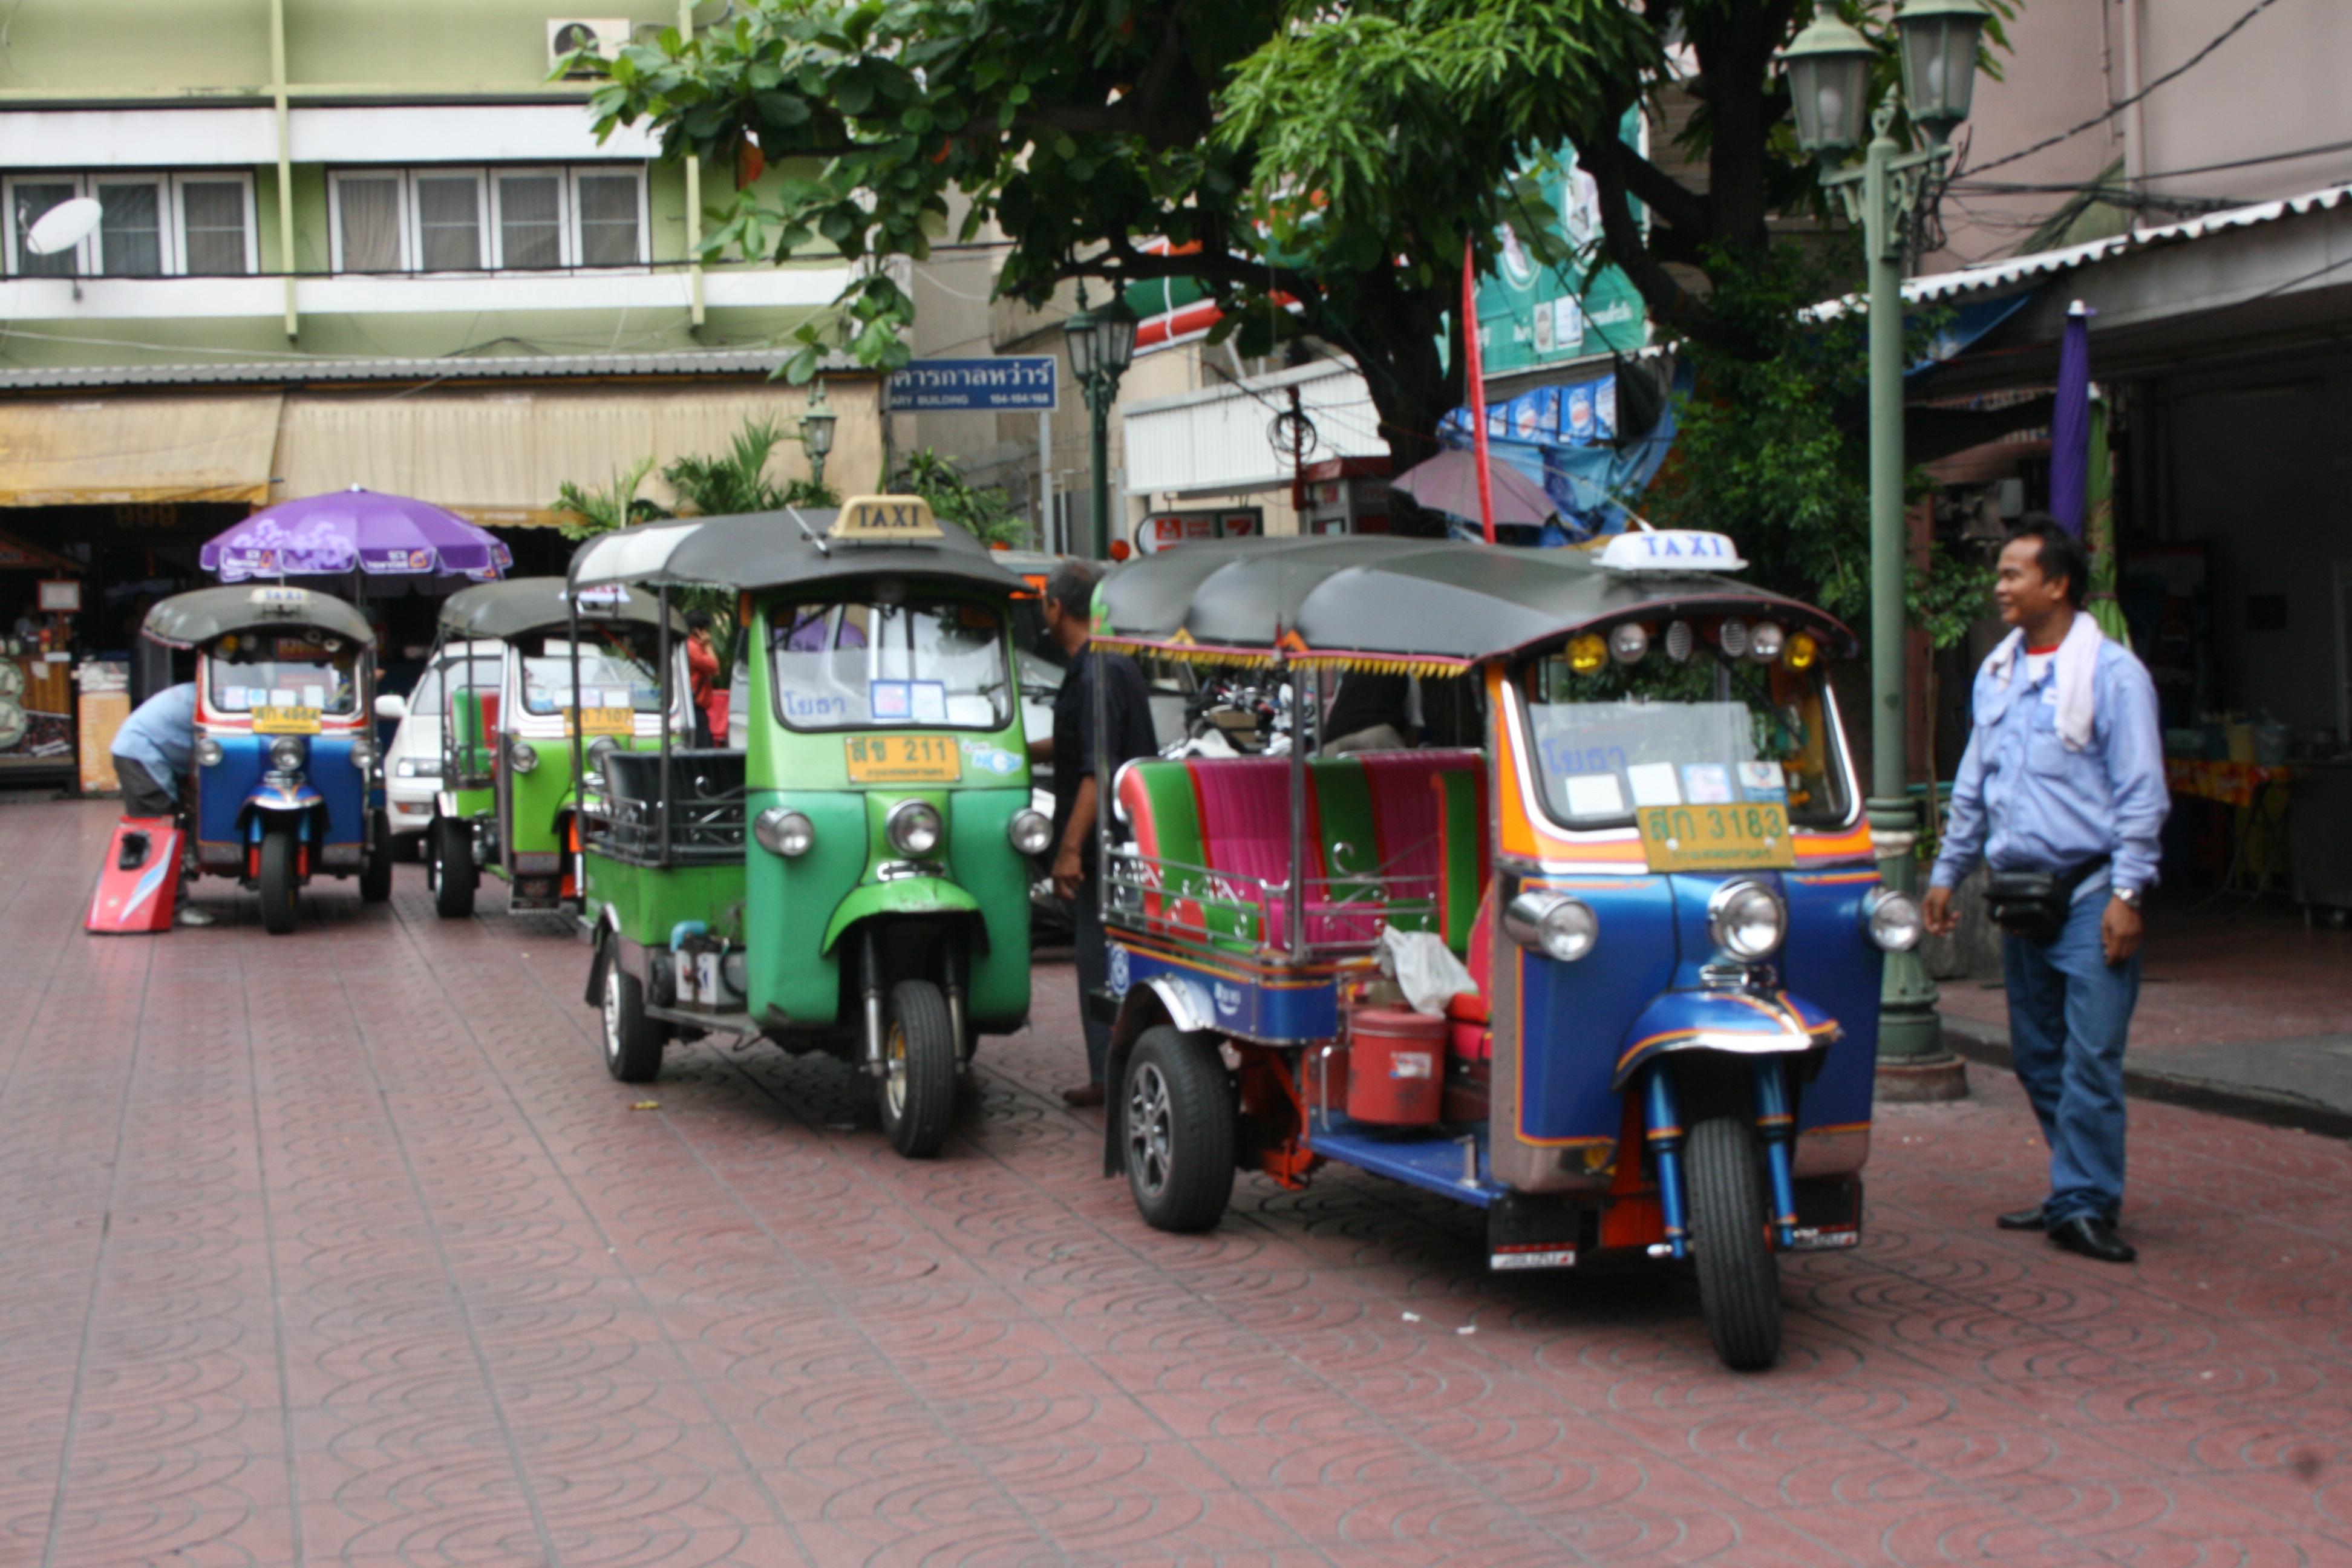 File:Tuk-tuks Bangkok (8270994798).jpg - Wikimedia Commons